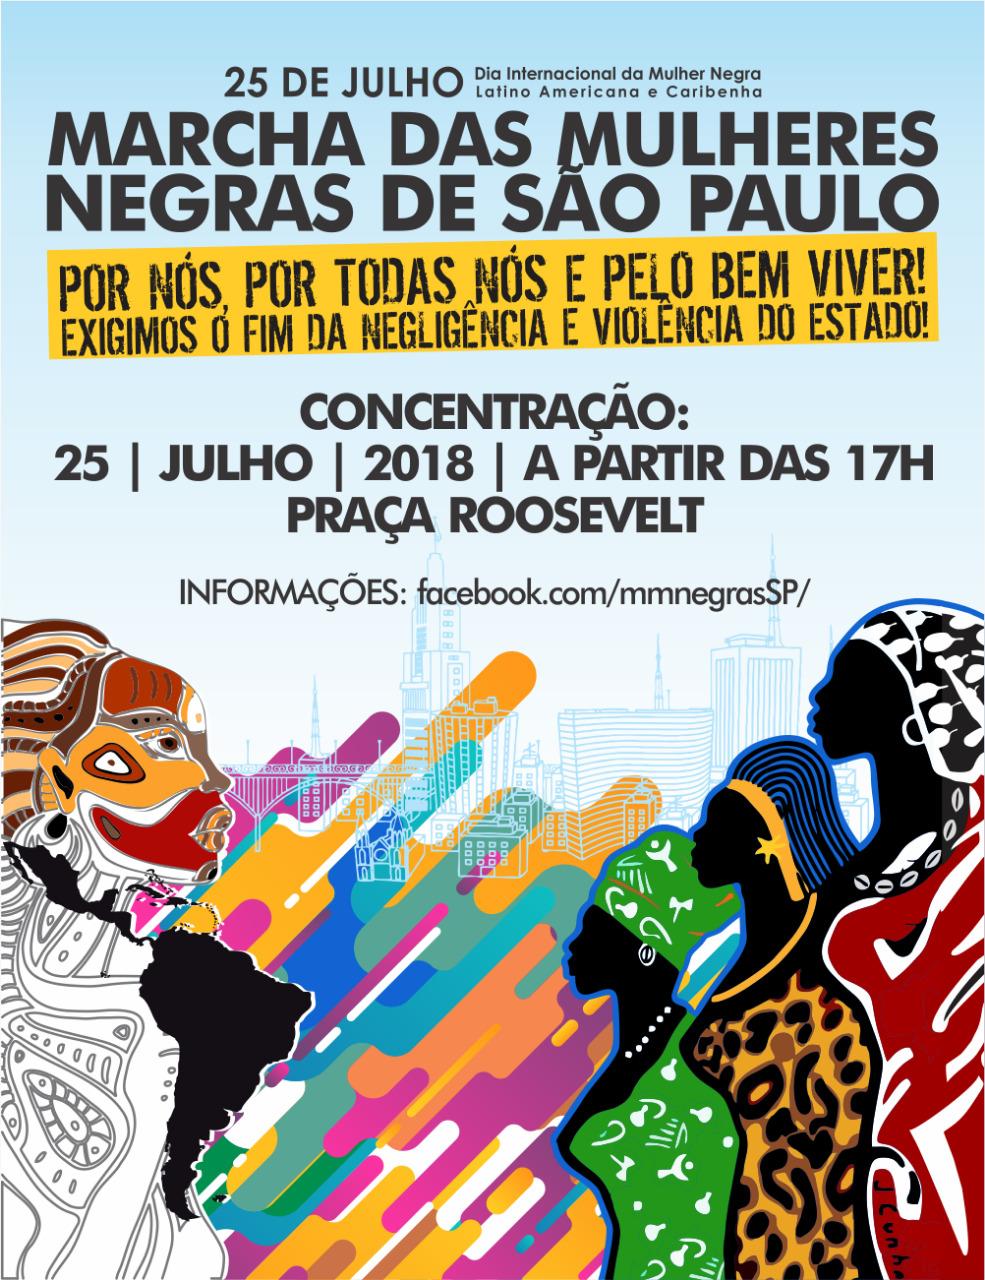 Marcha das Mulheres Negras de São Paulo é nesta quarta-feira; Concentração na Praça Roosevelt #nota